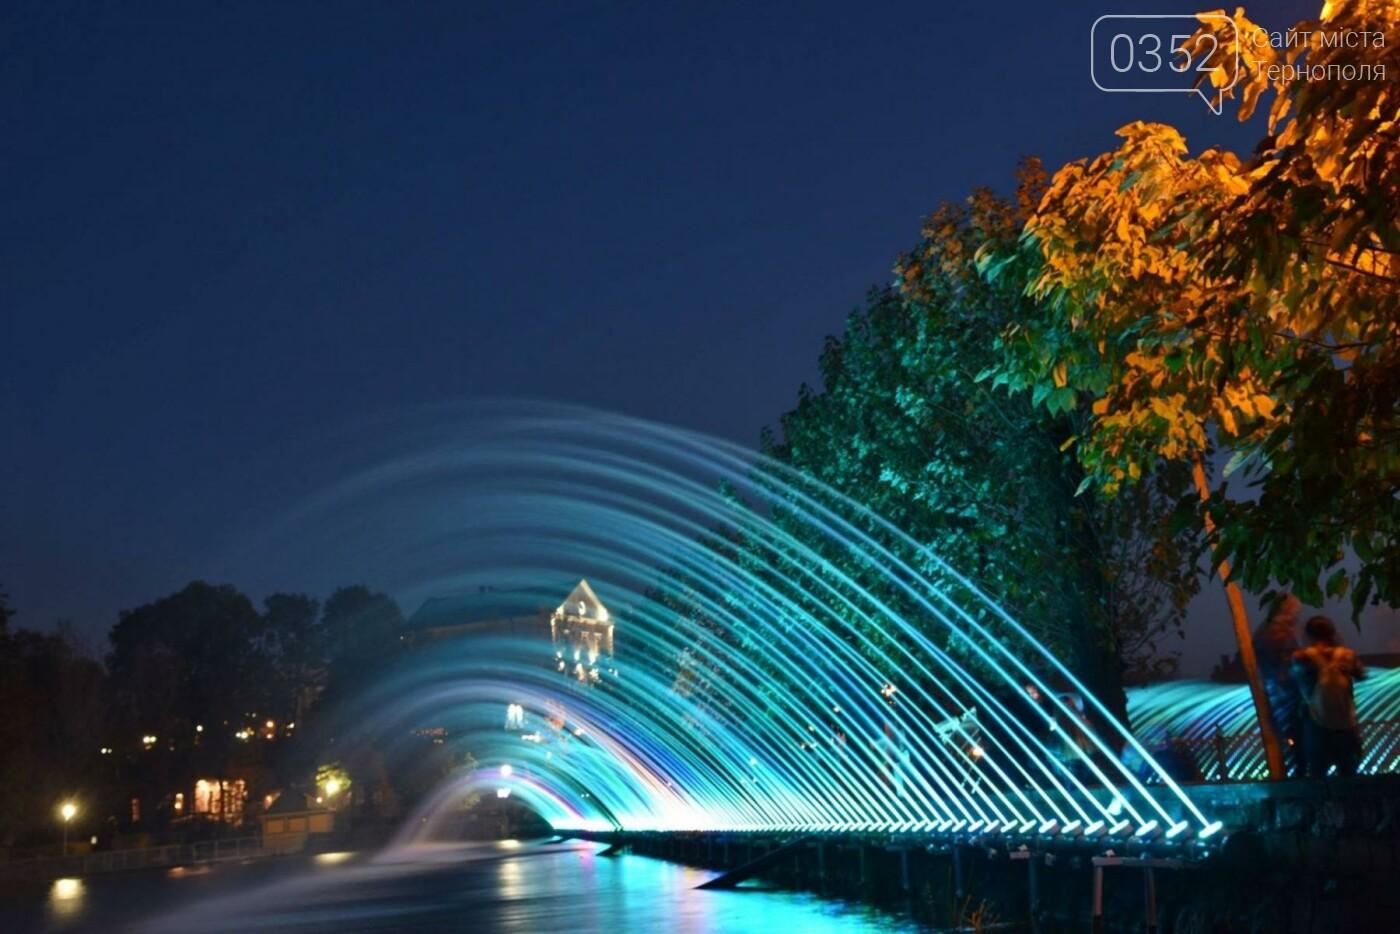 Із красивими світлинами на фоні аераційних фонтанів тернополянам варто поспішити (фото), фото-3